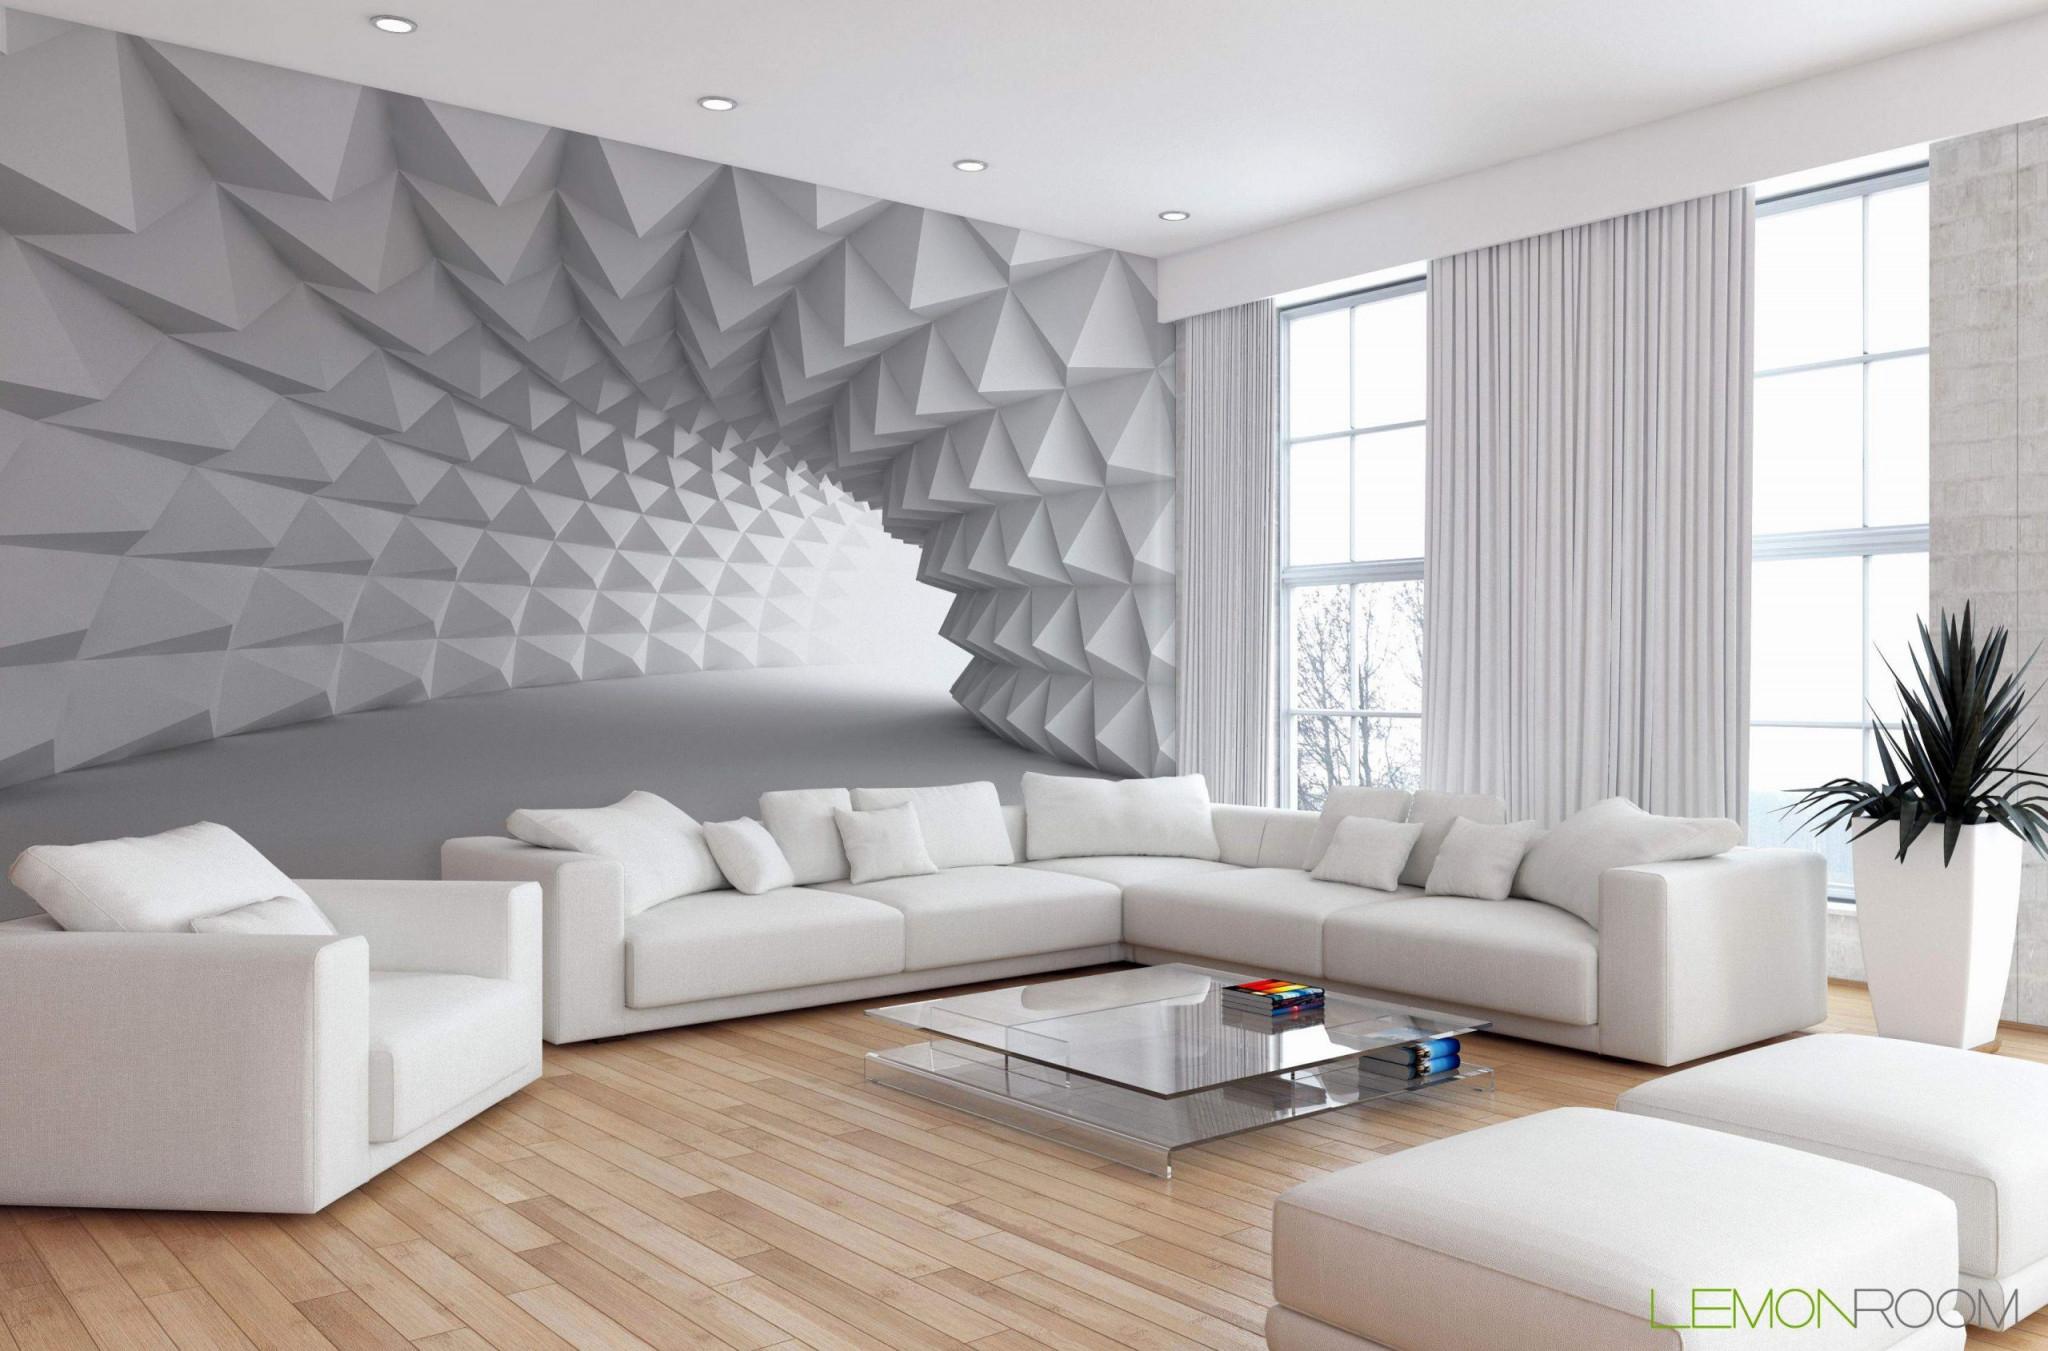 Moderne Wohnzimmer Ideen Frisch 31 Inspirierend Moderne von Moderne Wohnzimmer Ideen Bild